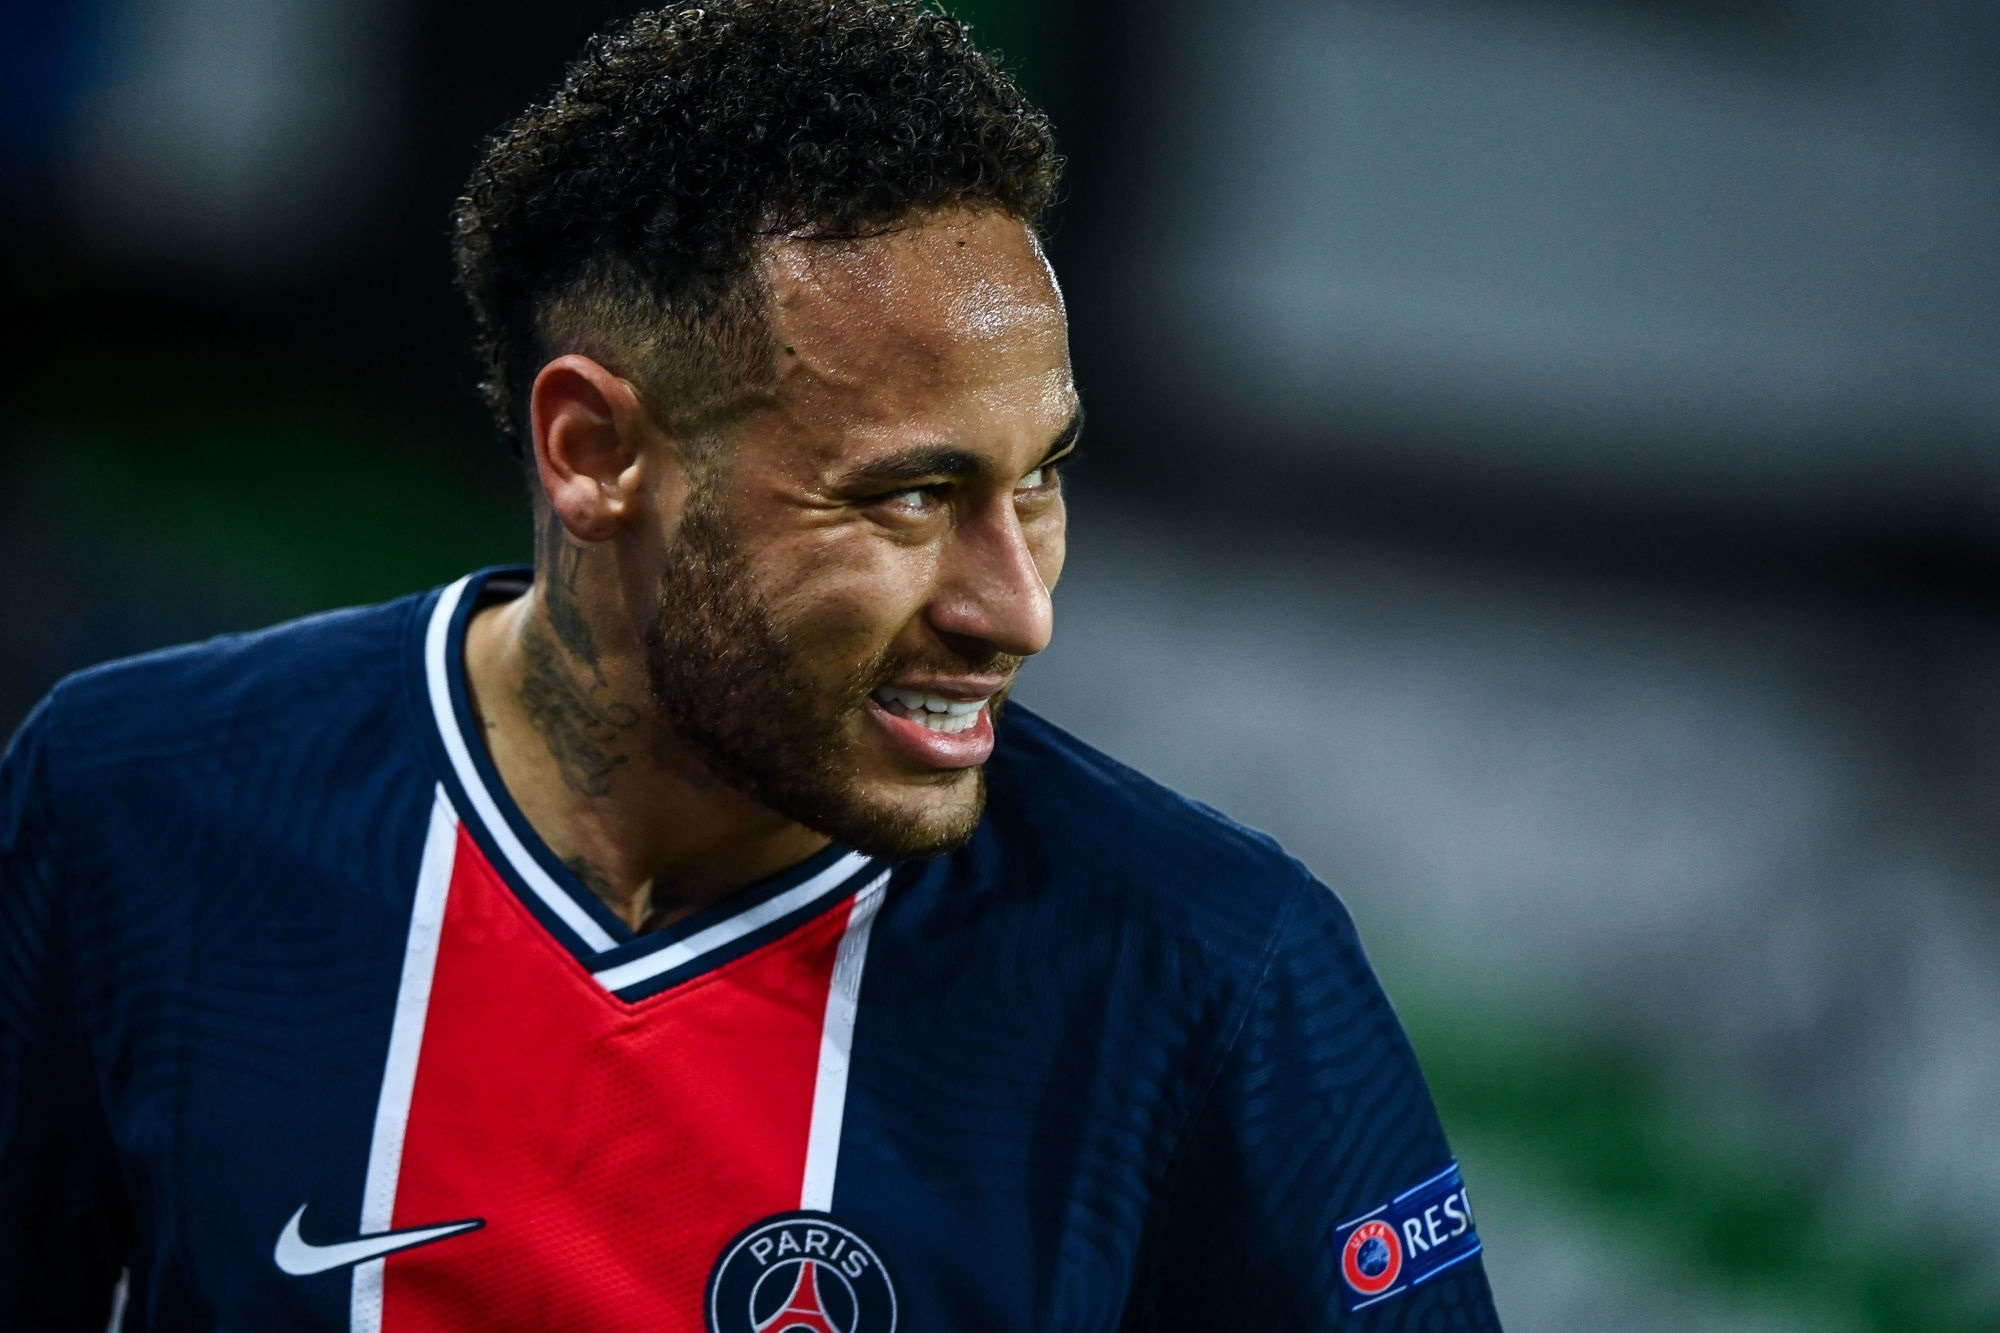 LDC - Neymar nommé pour le titre de joueur de la semaine